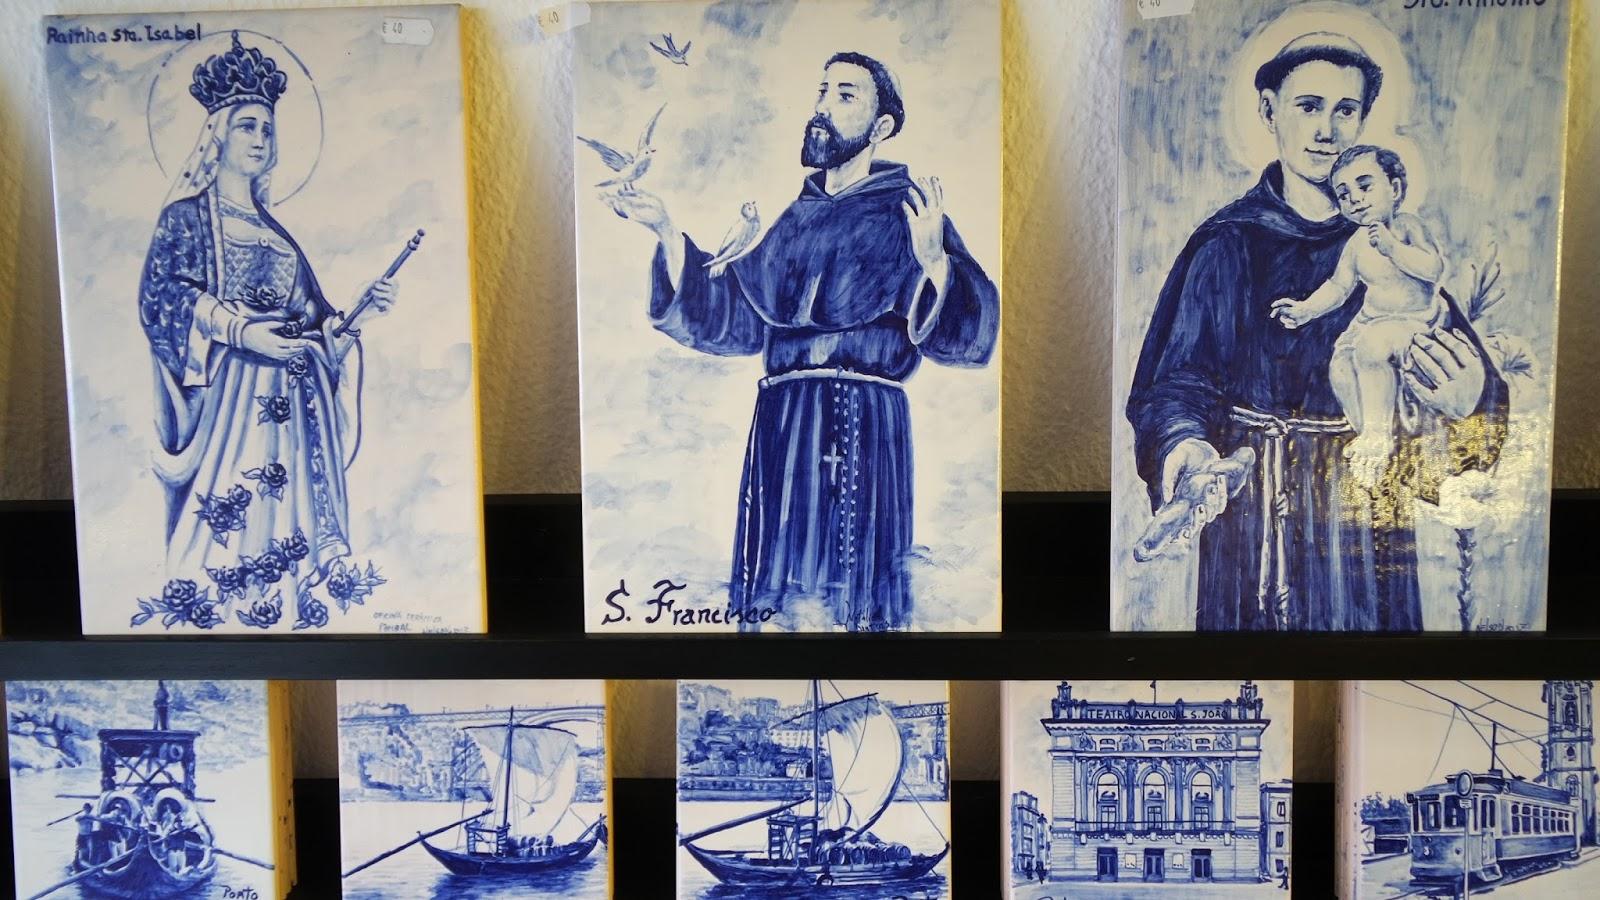 Azulejos de Prometeu Artesanato - Porto